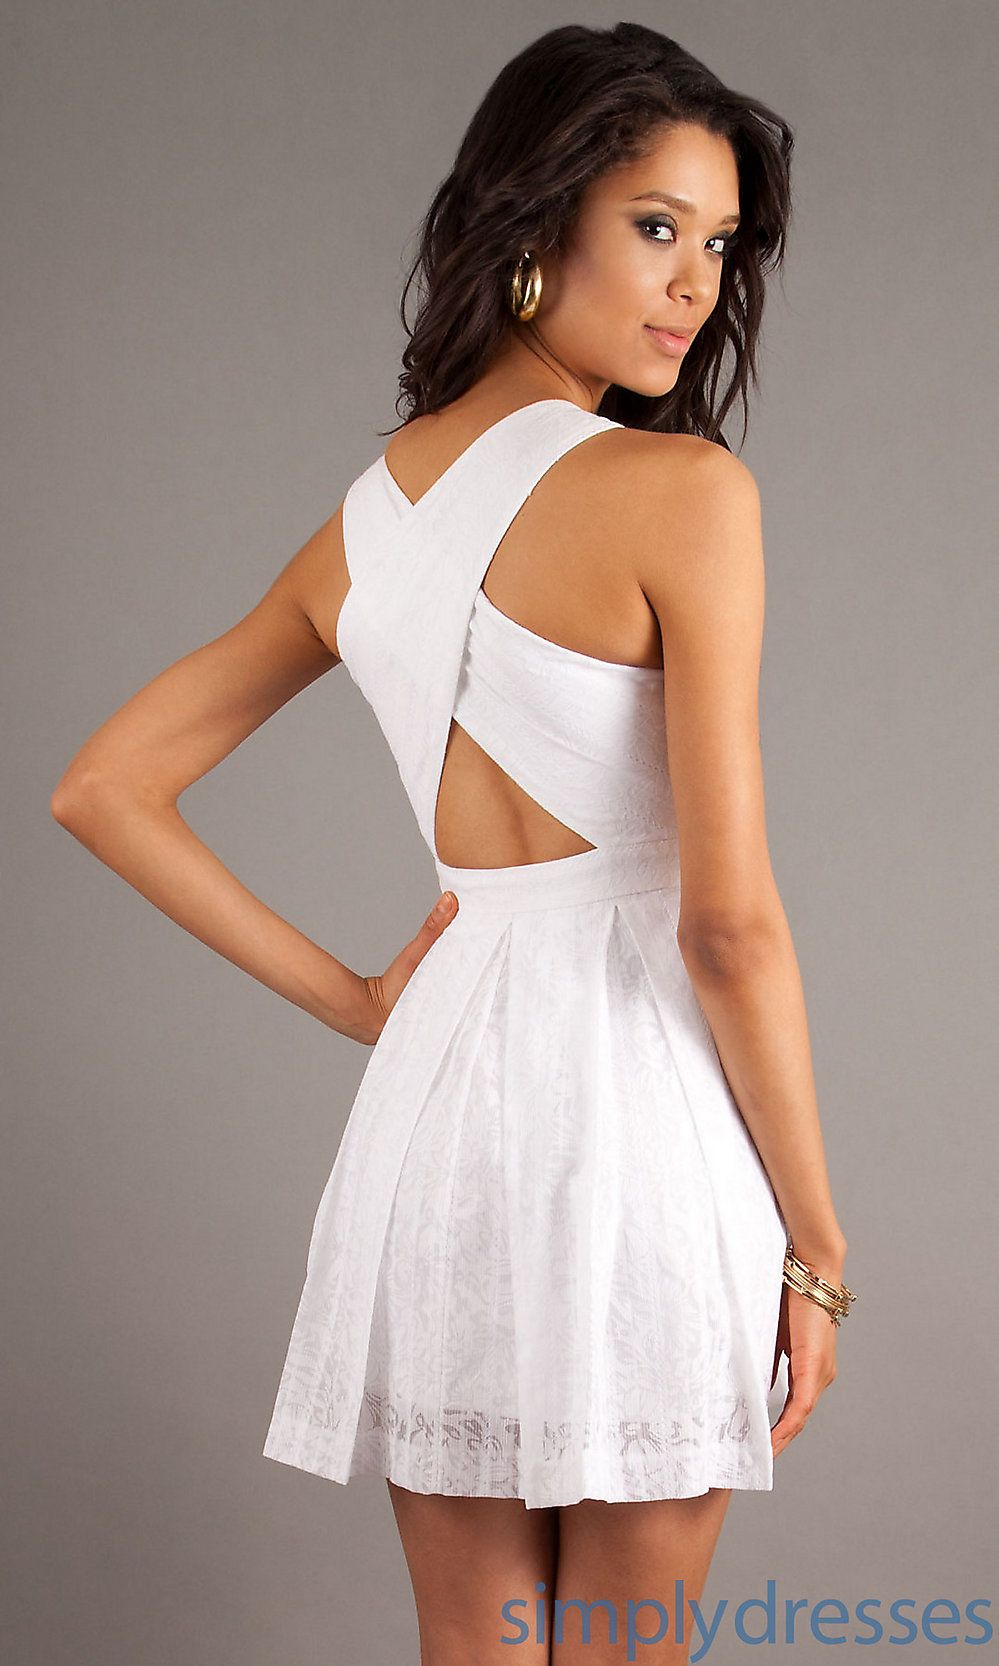 White formal dresses   White dresses   Pinterest   Short white ...